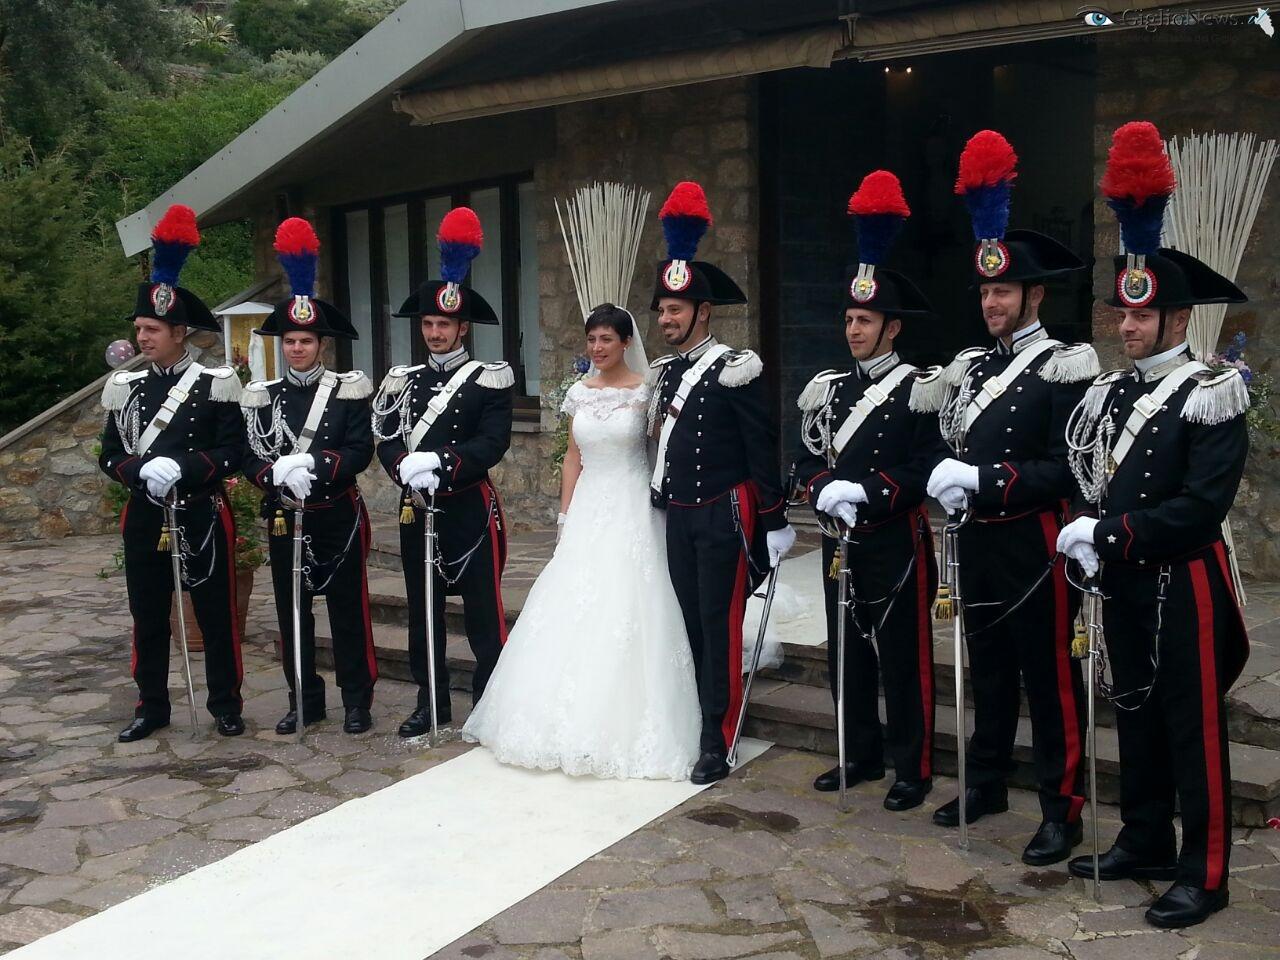 Matrimonio In Divisa Esercito : Francesco e lorenza sposi nella chiesa del campese isola